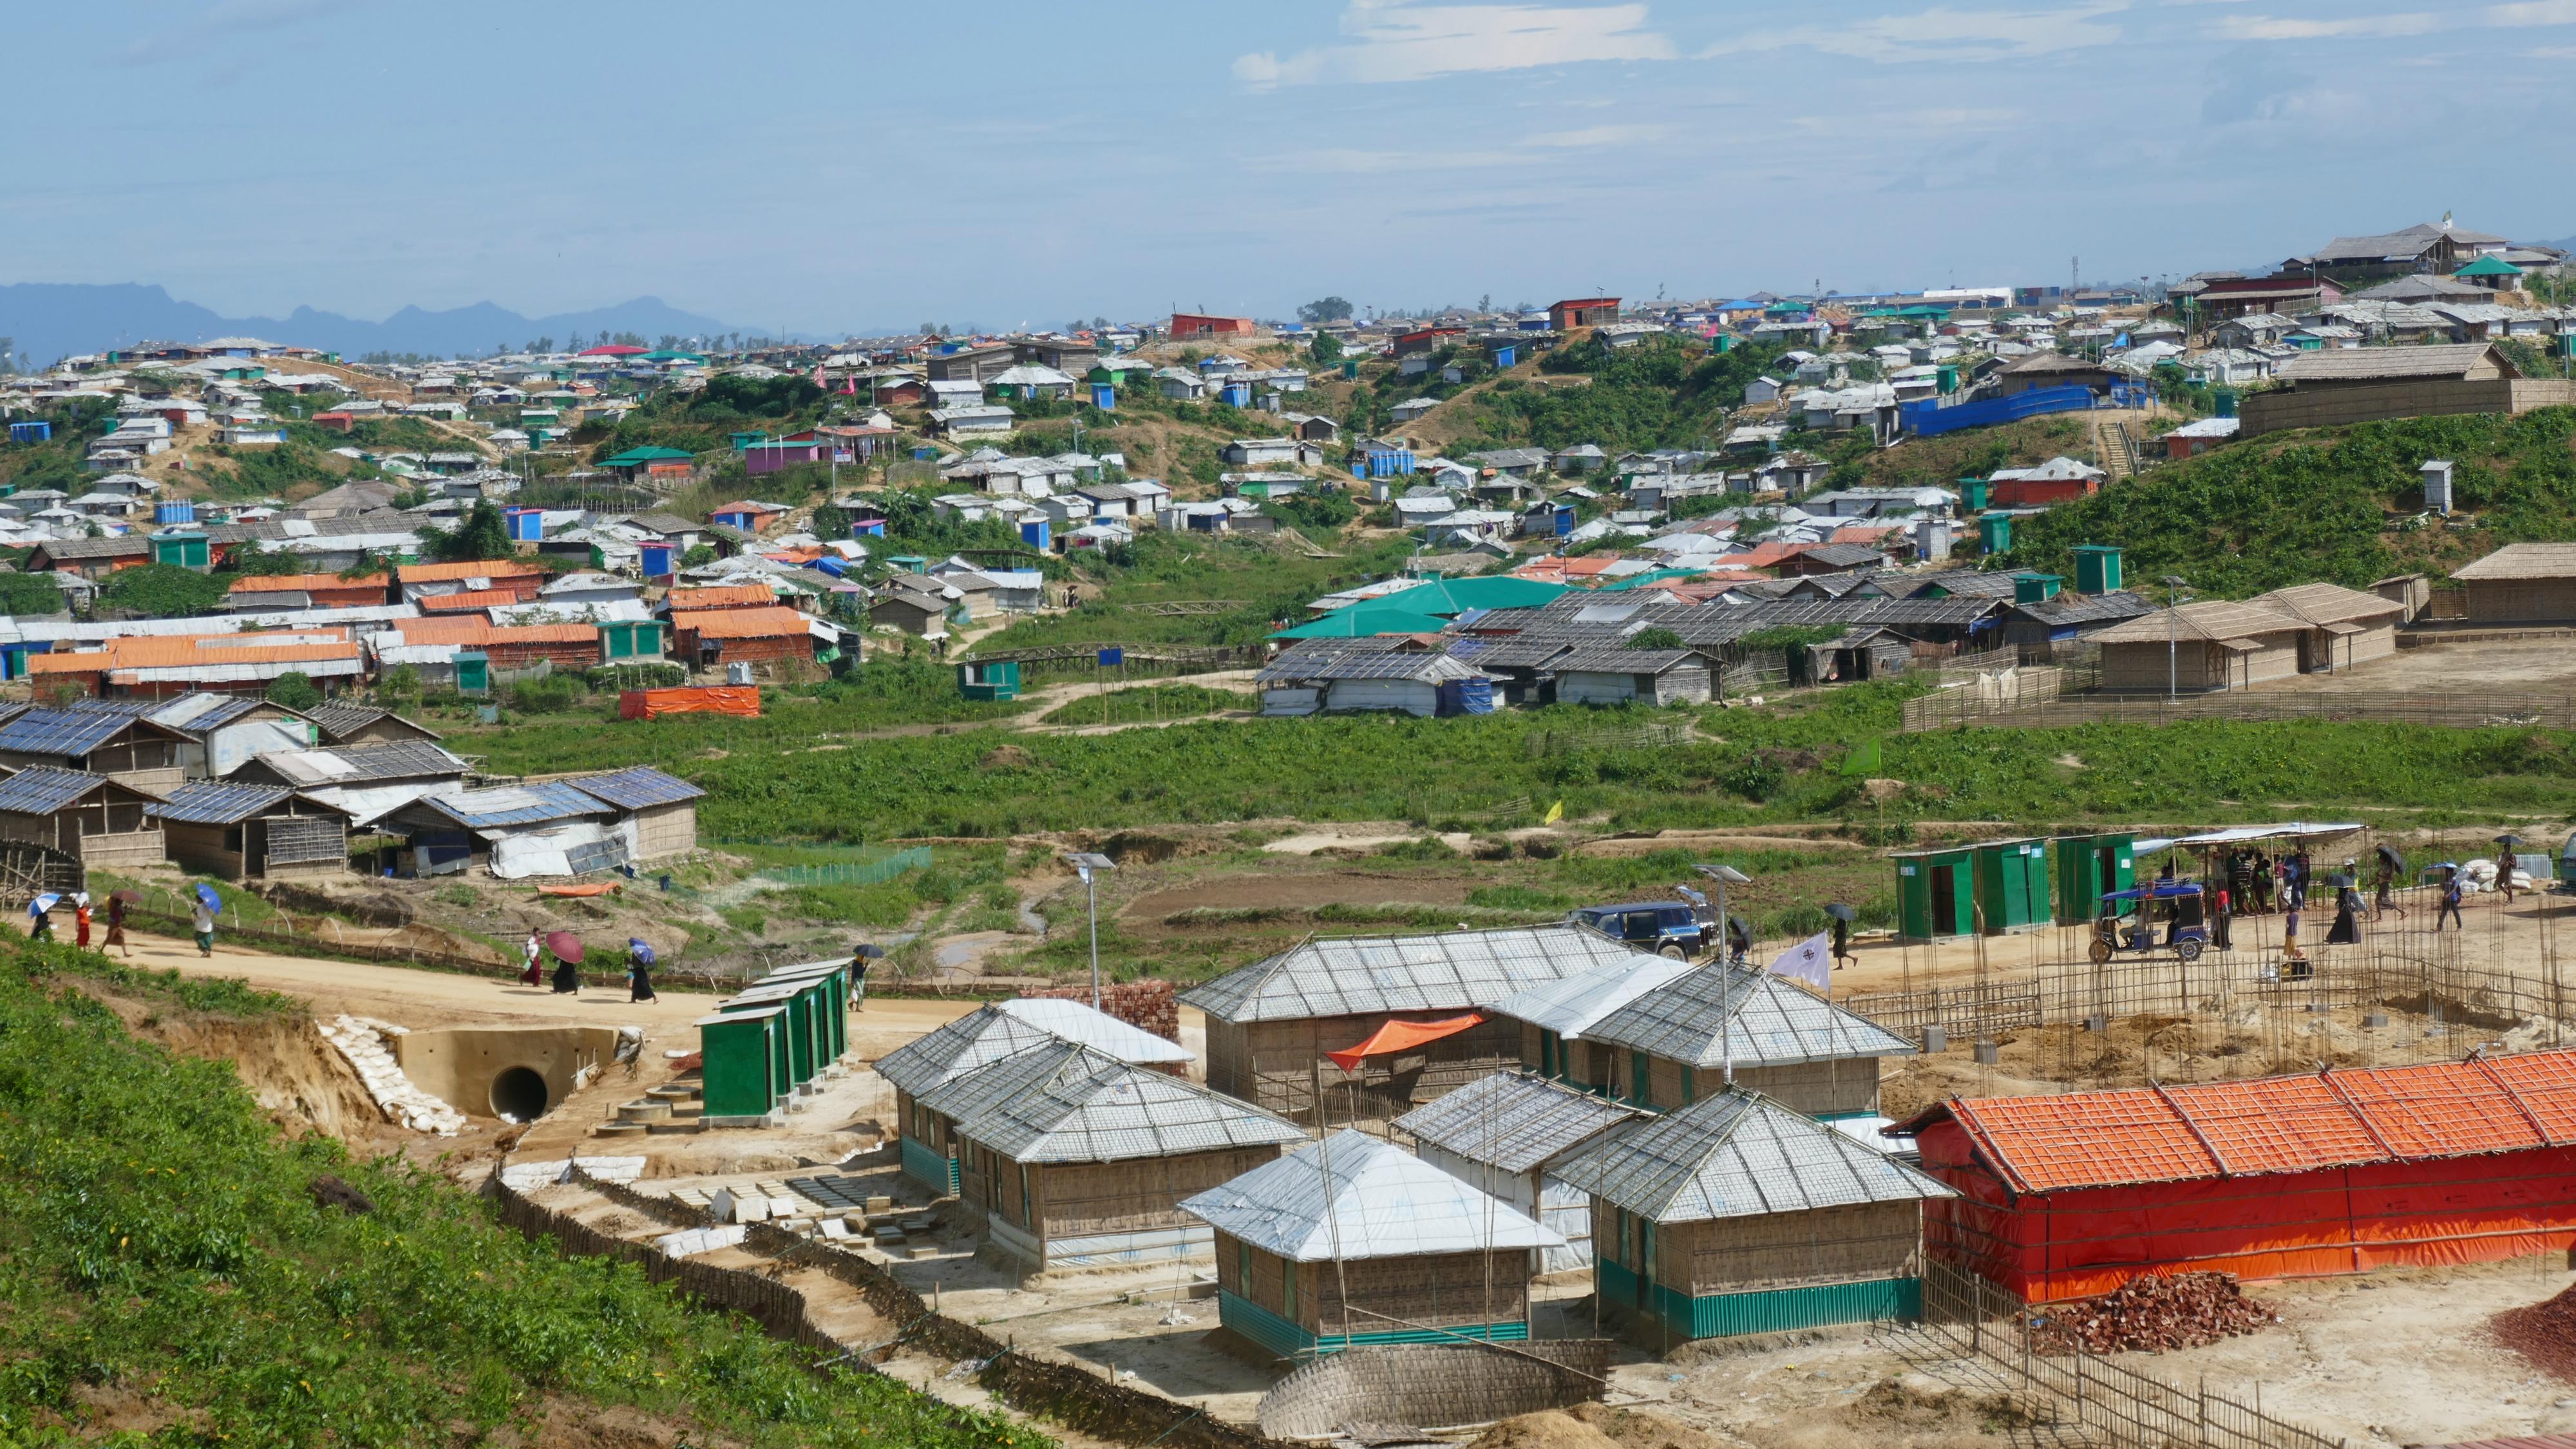 Refugee housing clustered on a hillside